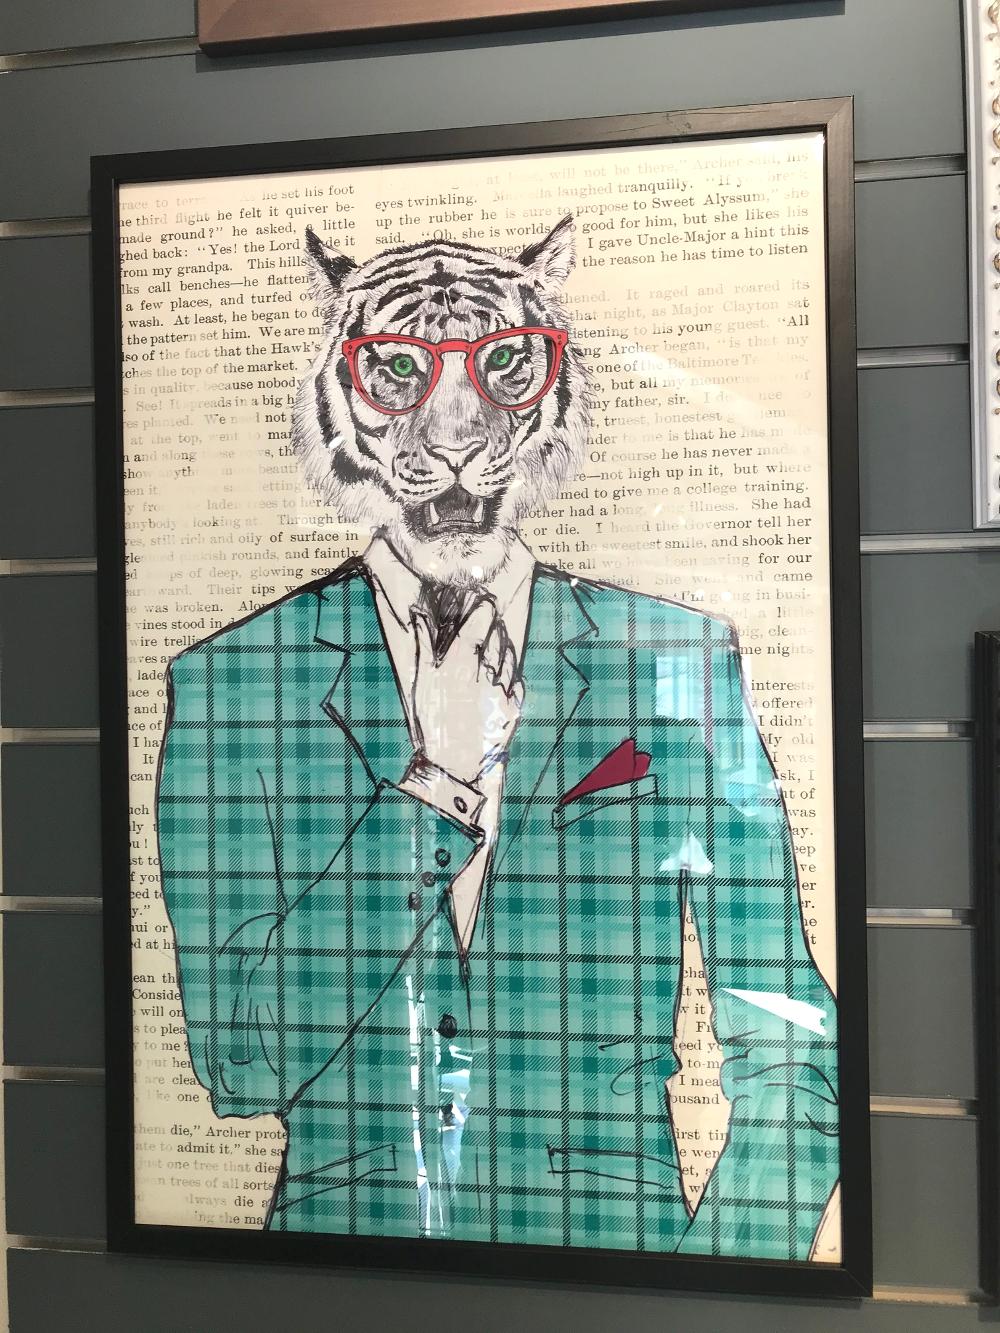 « Dandy », de Matt SPENCER Affiche encadrée, dimensions extérieures 43 x 63 cm Prix de l'affiche (40x60) : 27 €       Prix du cadre : 29,50€ L'ensemble : 56,50€